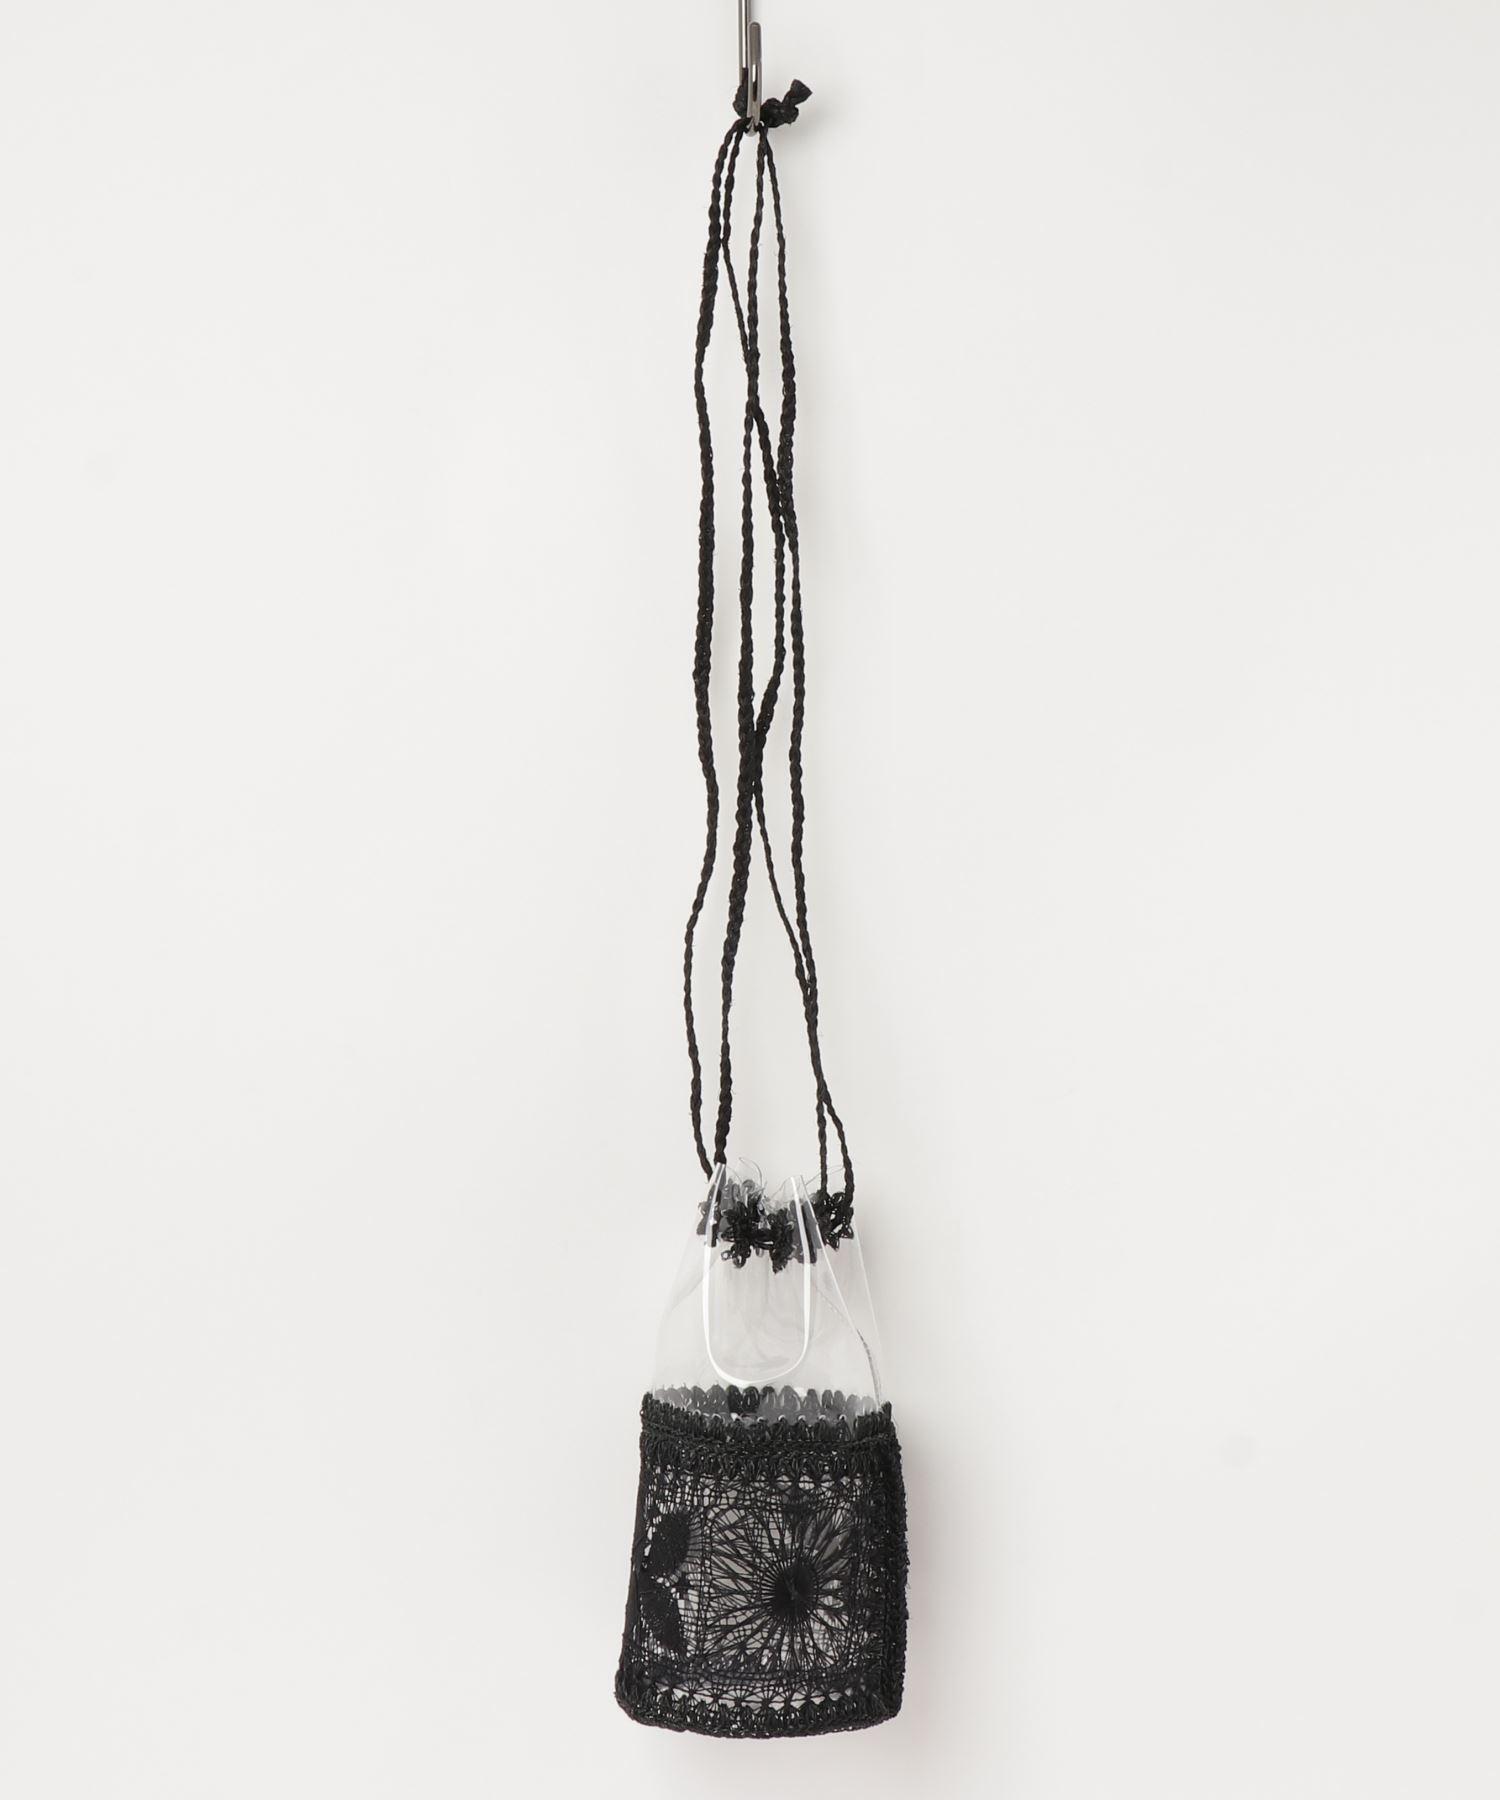 JAMIRAY ジャミレイ / PVCミニクリアバッグ Clear Dust Bag